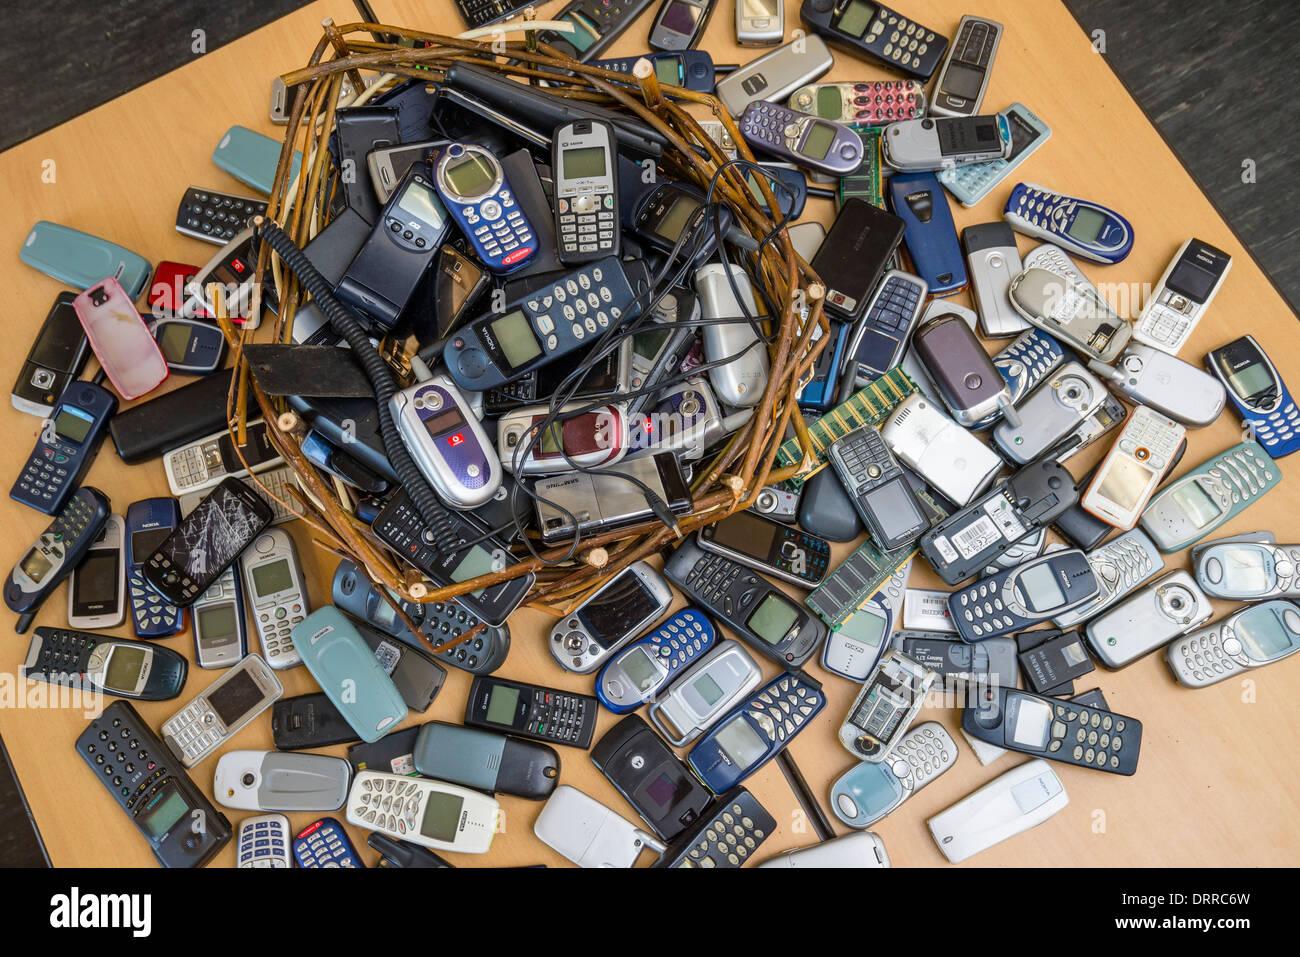 Scartato cellulari giacciono su una tabella. Immagini Stock